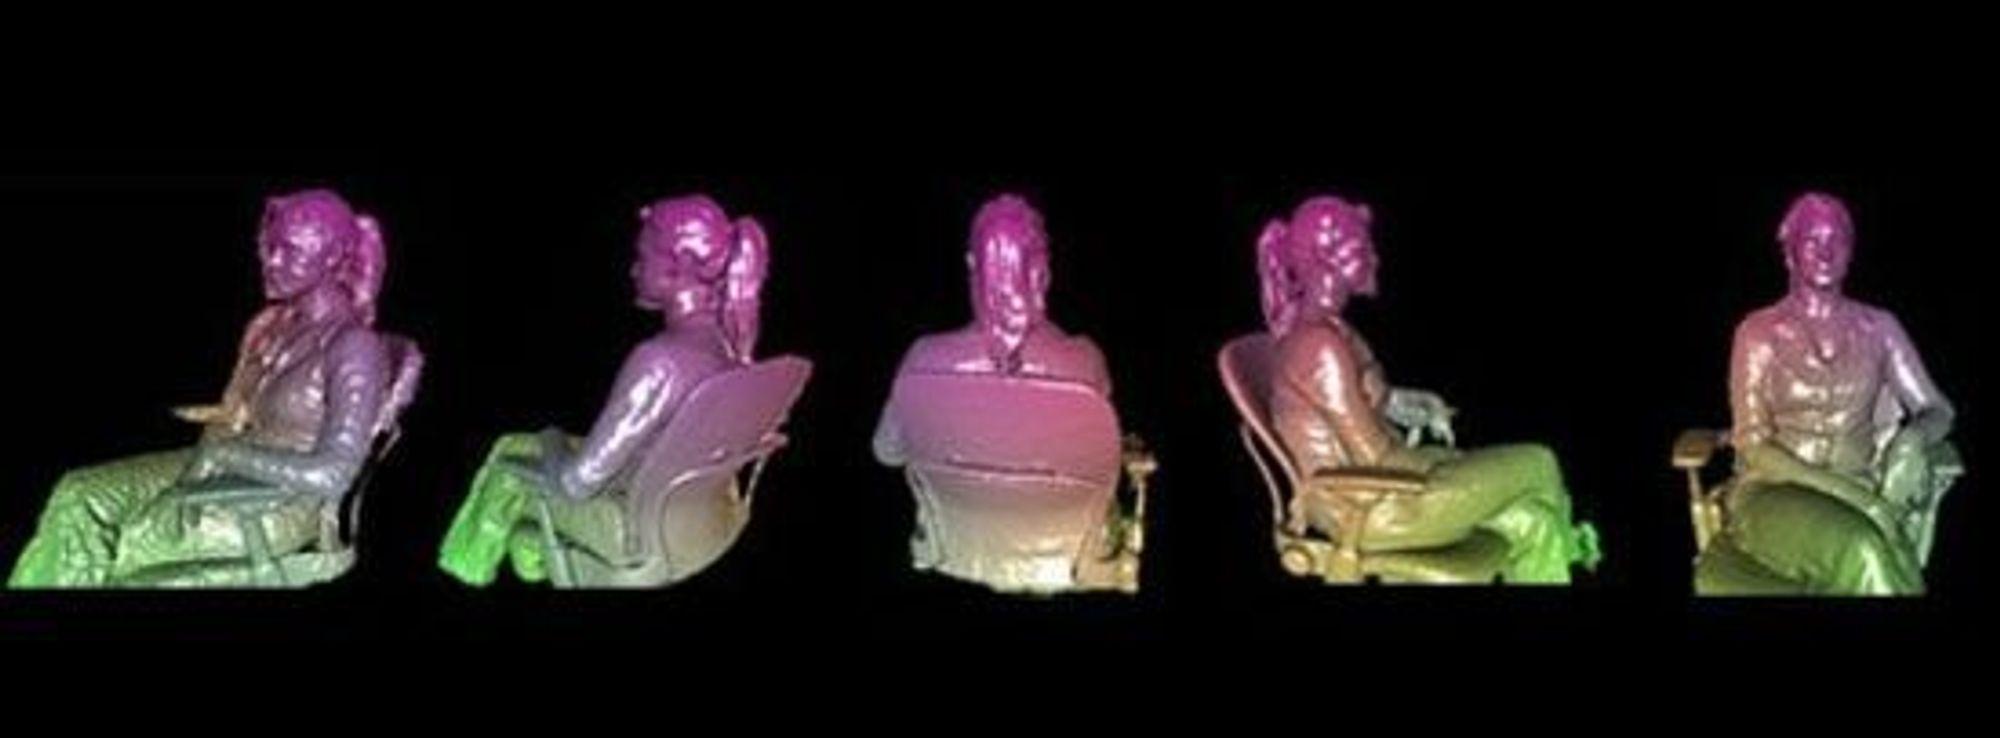 3D-objekter registreres i sanntid ved å bevege Kinect-sensoren rundt et objekt eller vice versa.